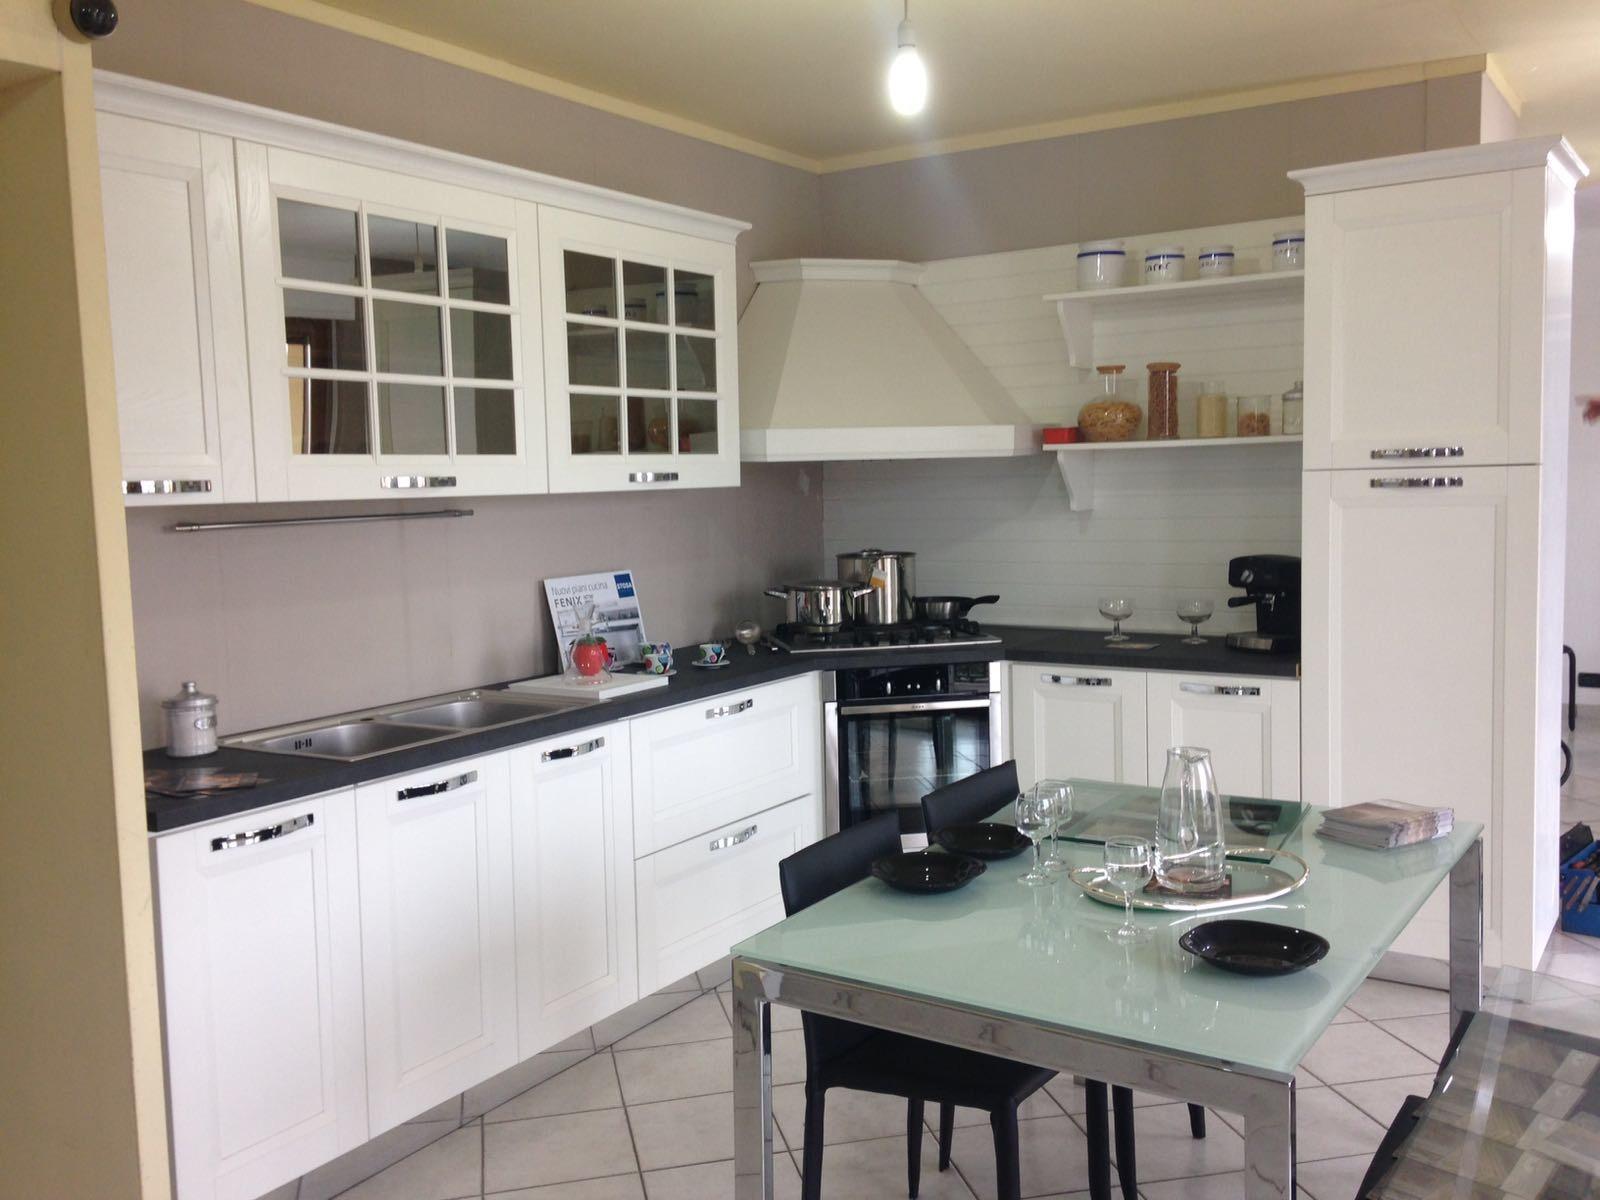 Cucina stosa cucine beverly classica legno bianca scontata for Cucina classica bianca